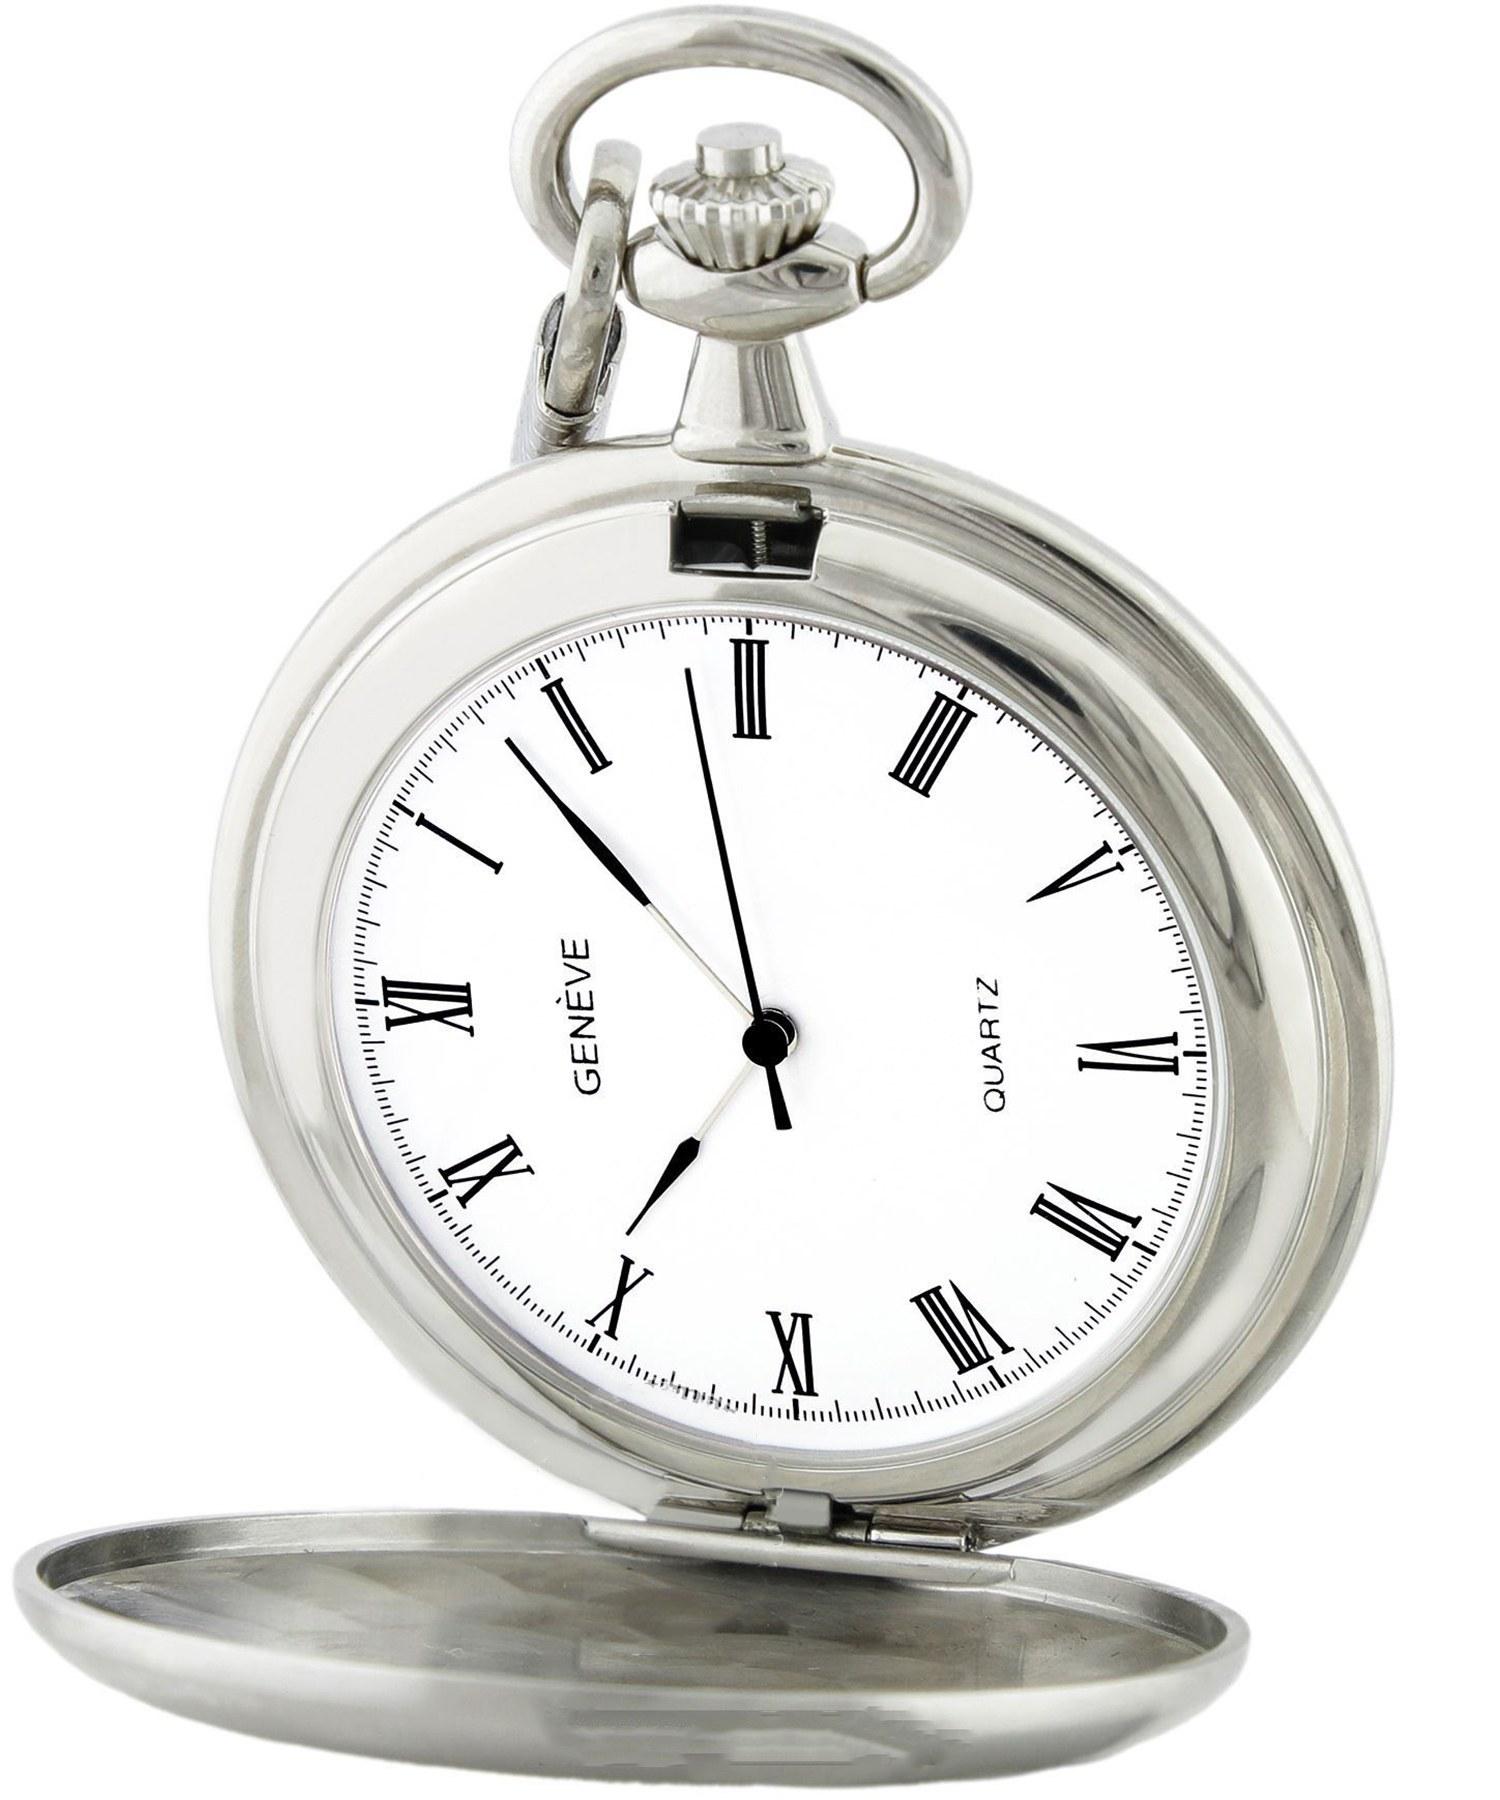 تصویر ساعت جیبی مردانه ژان ژاکت ، کد 1025-QS